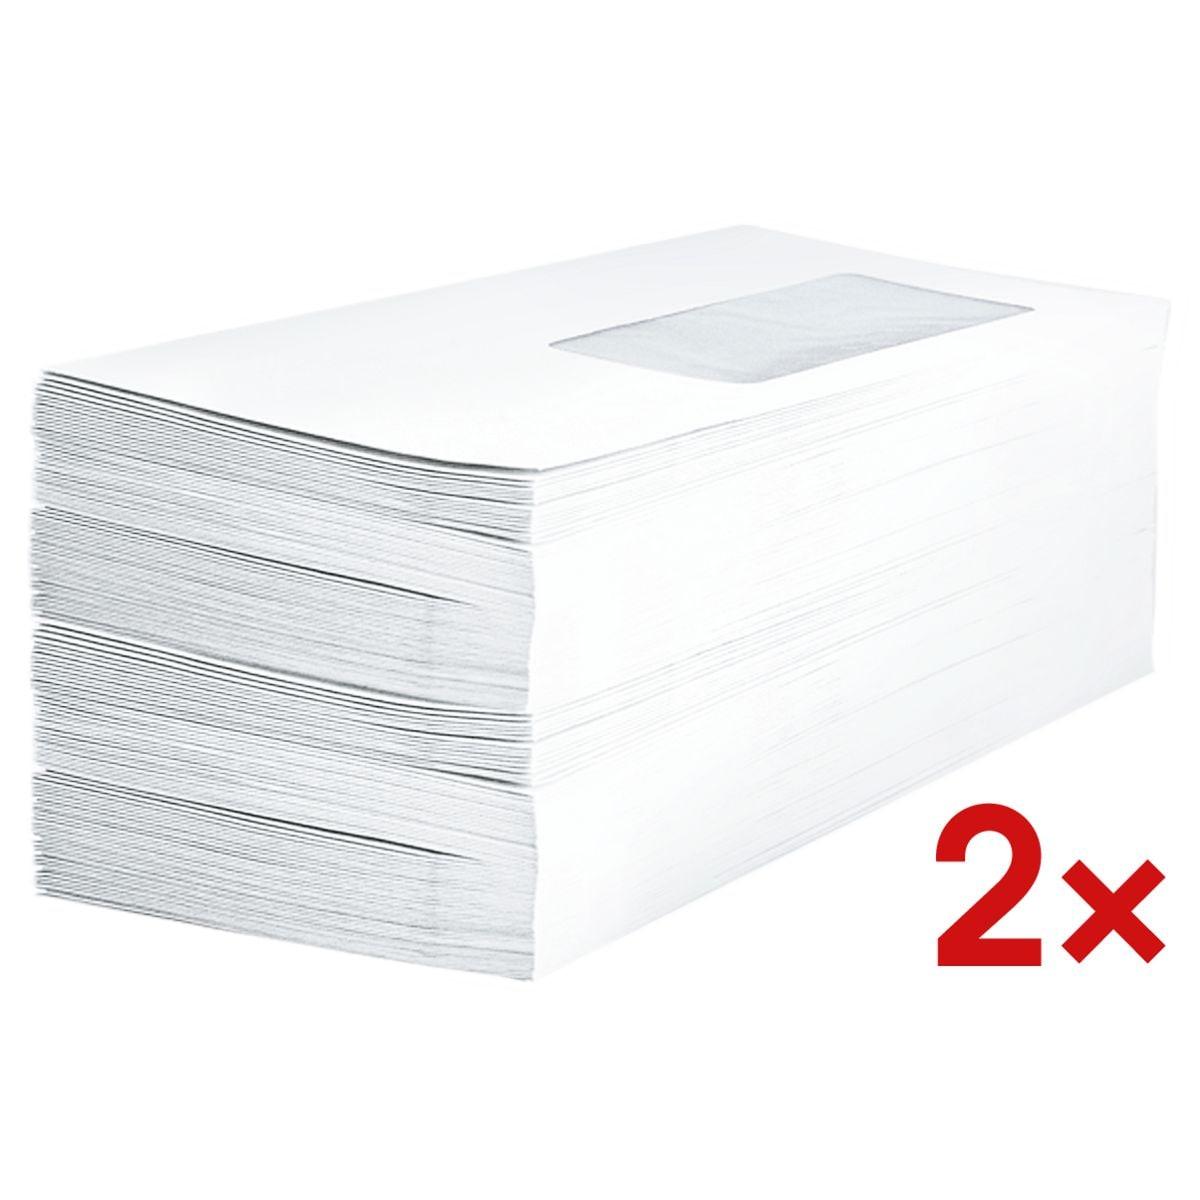 Enveloppes BONG, DL 80 g/m² avec fenêtre - 1000 pièce(s)